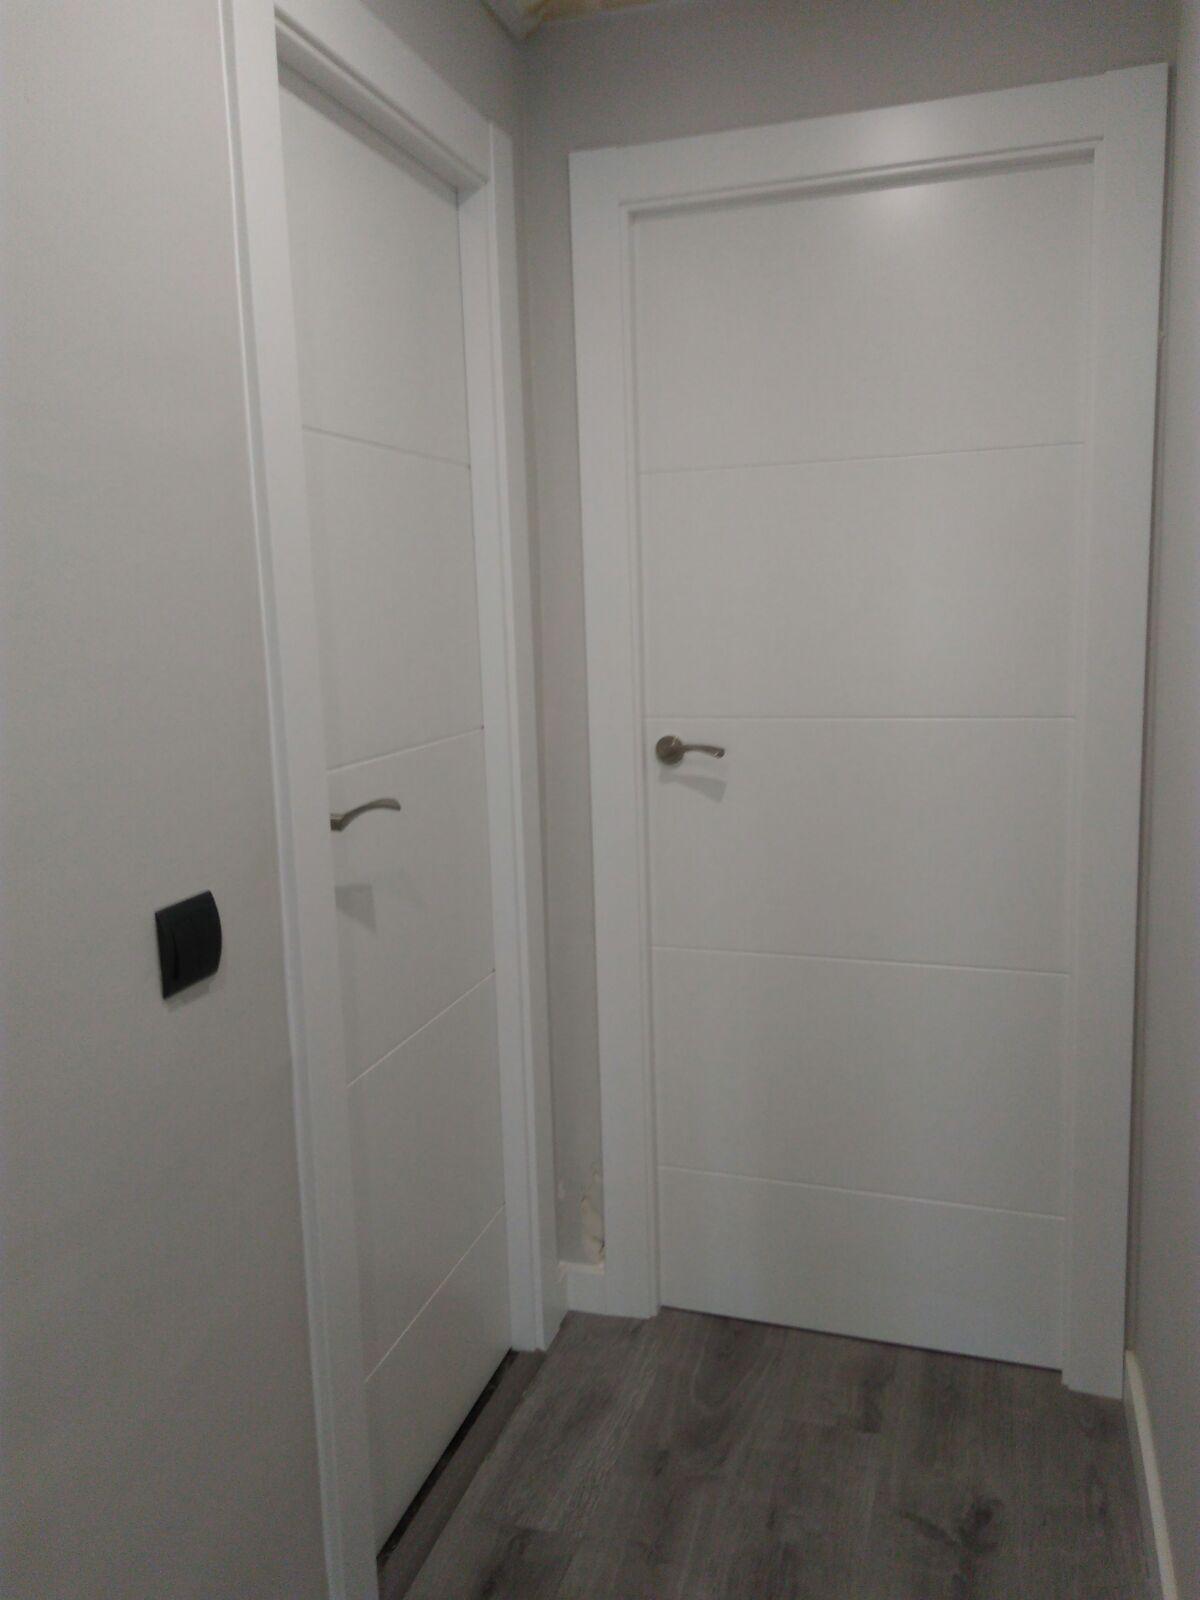 Puertas de madera macizas lacadas blanco mod mapi y - Puertas piso interior ...